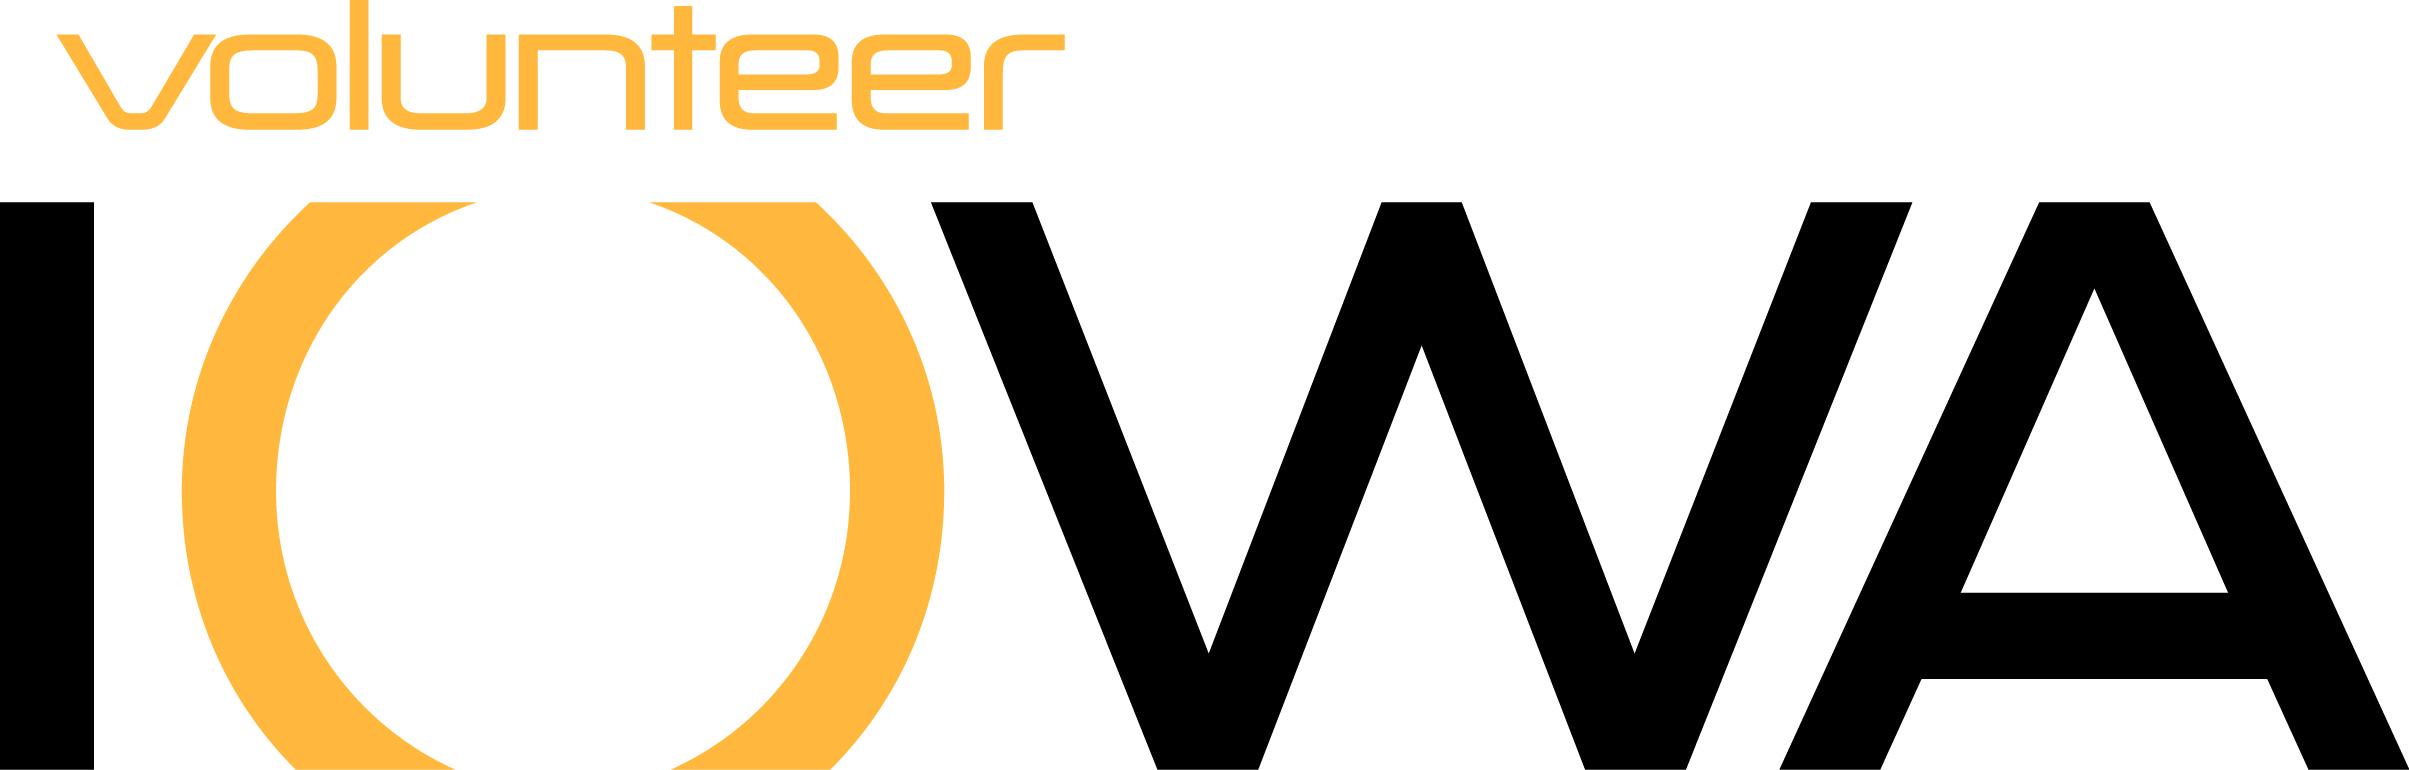 Volunteer Iowa